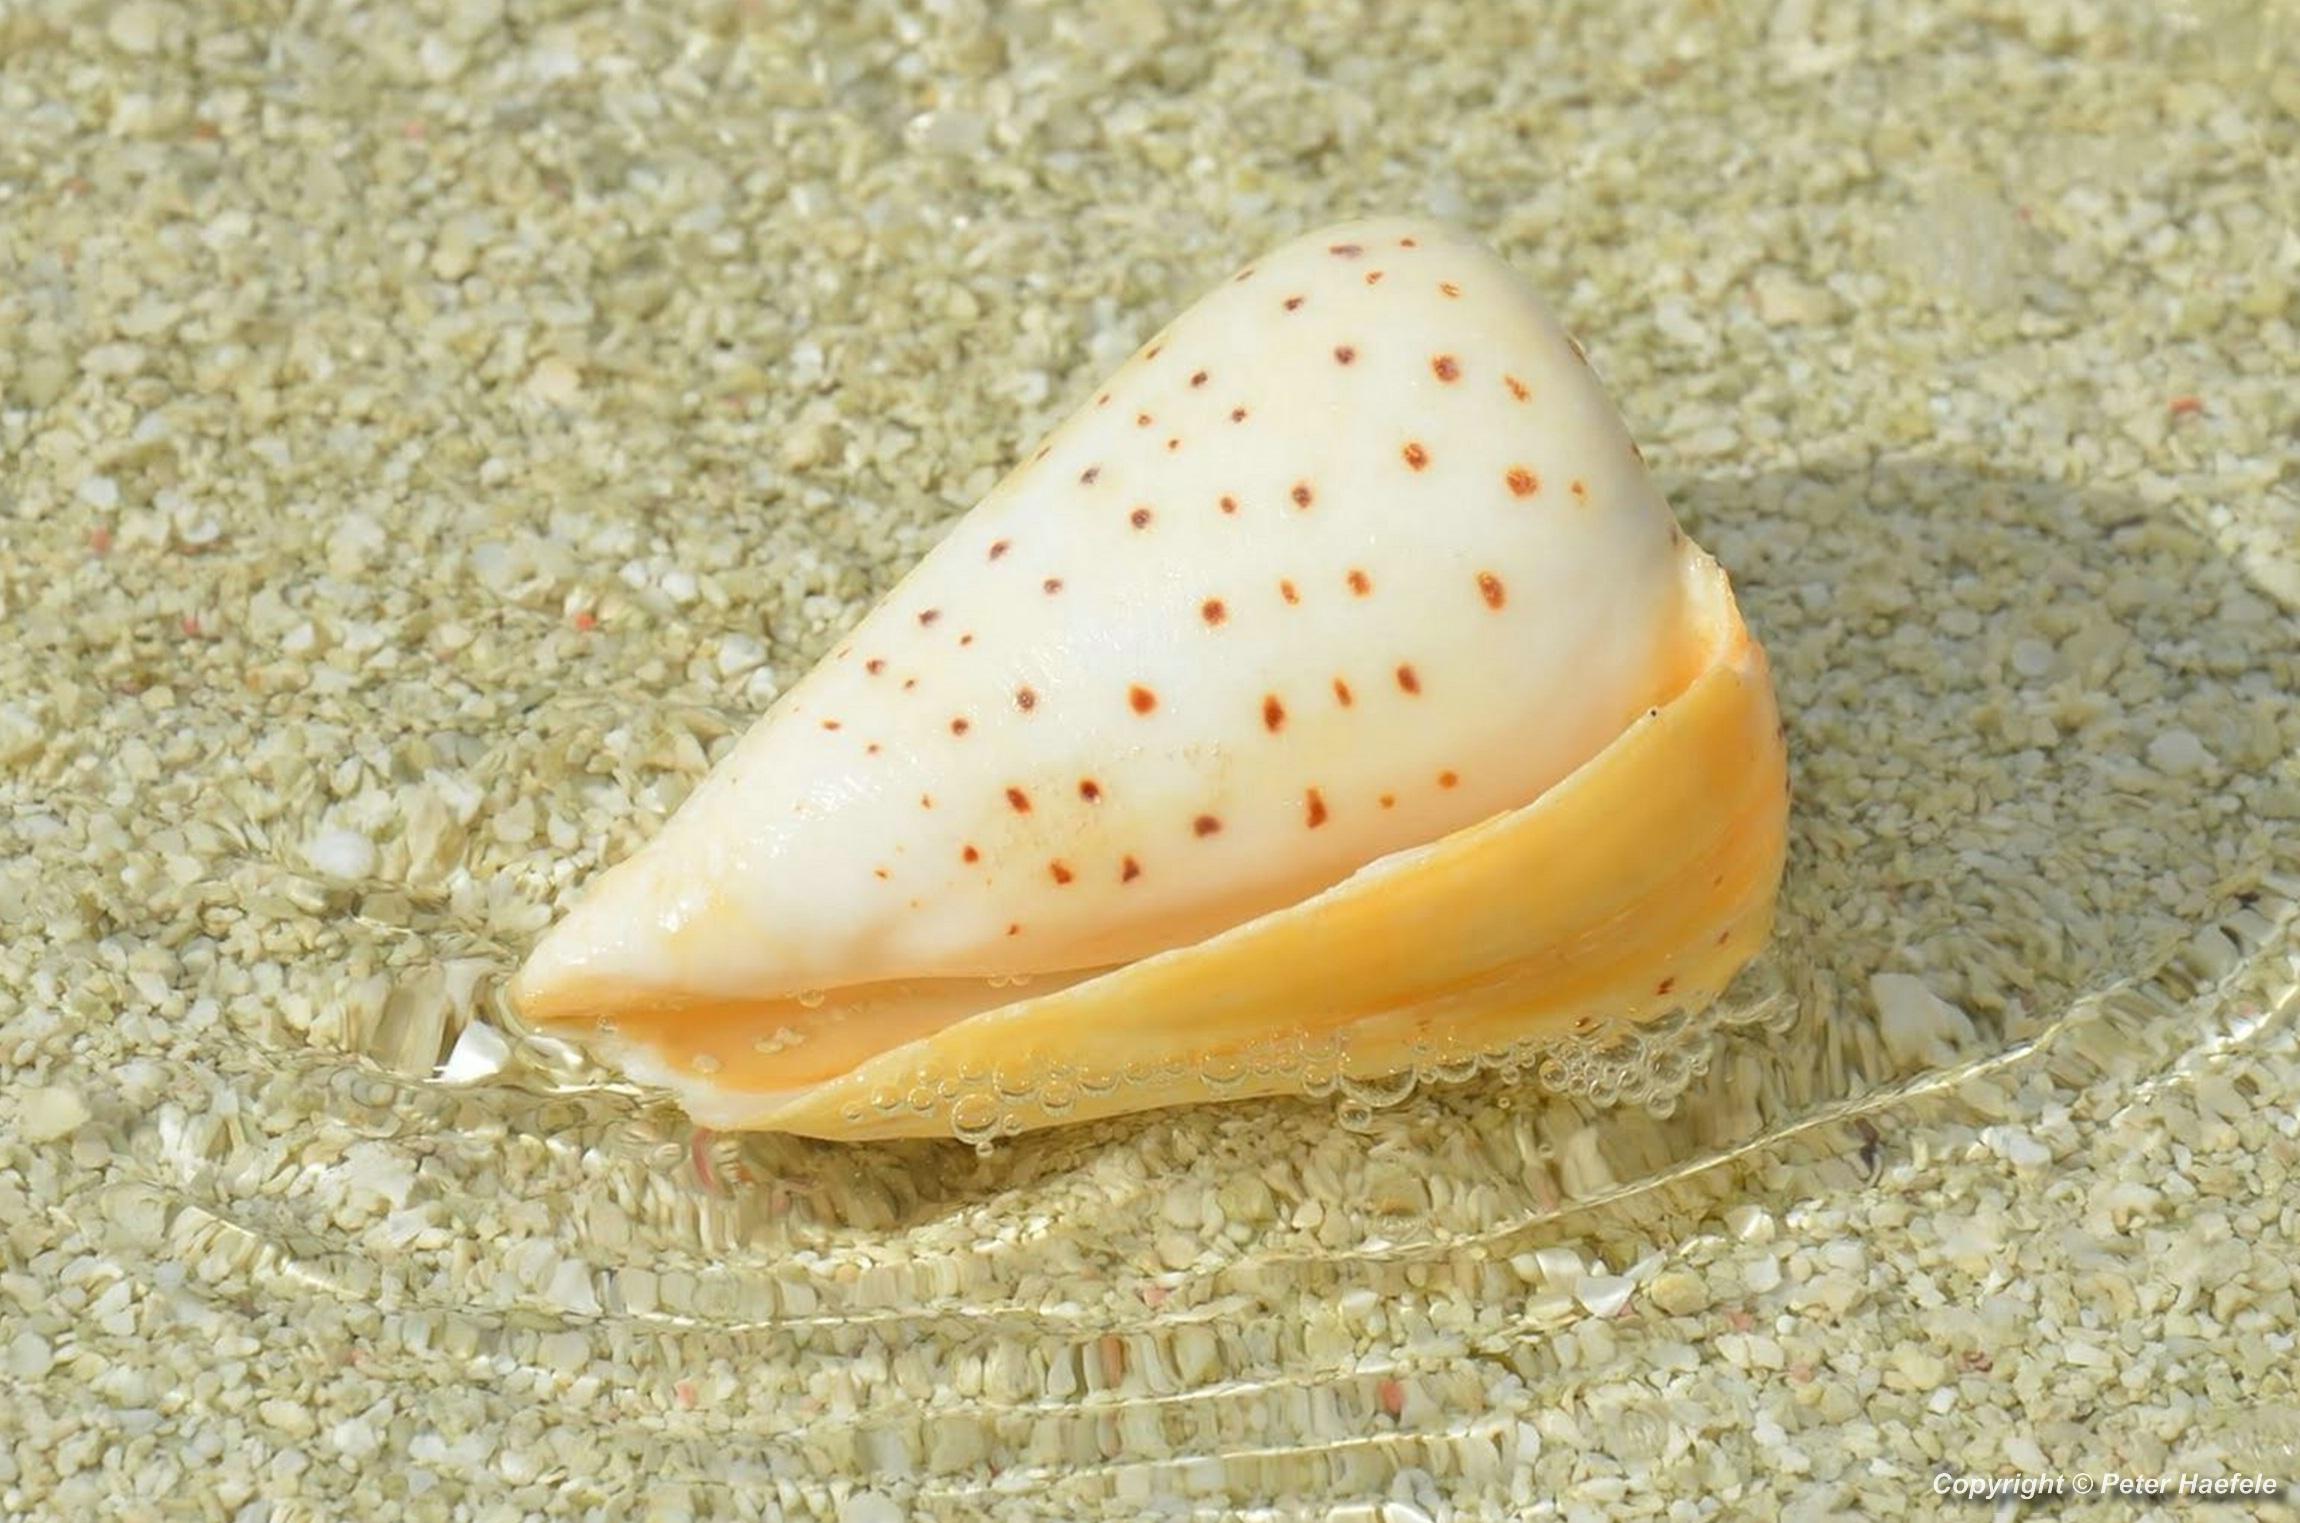 Elfenbein Kegelschnecke (Conus eburneus) Cone snail - Nalaguraidhoo - Sun Island - Maledives